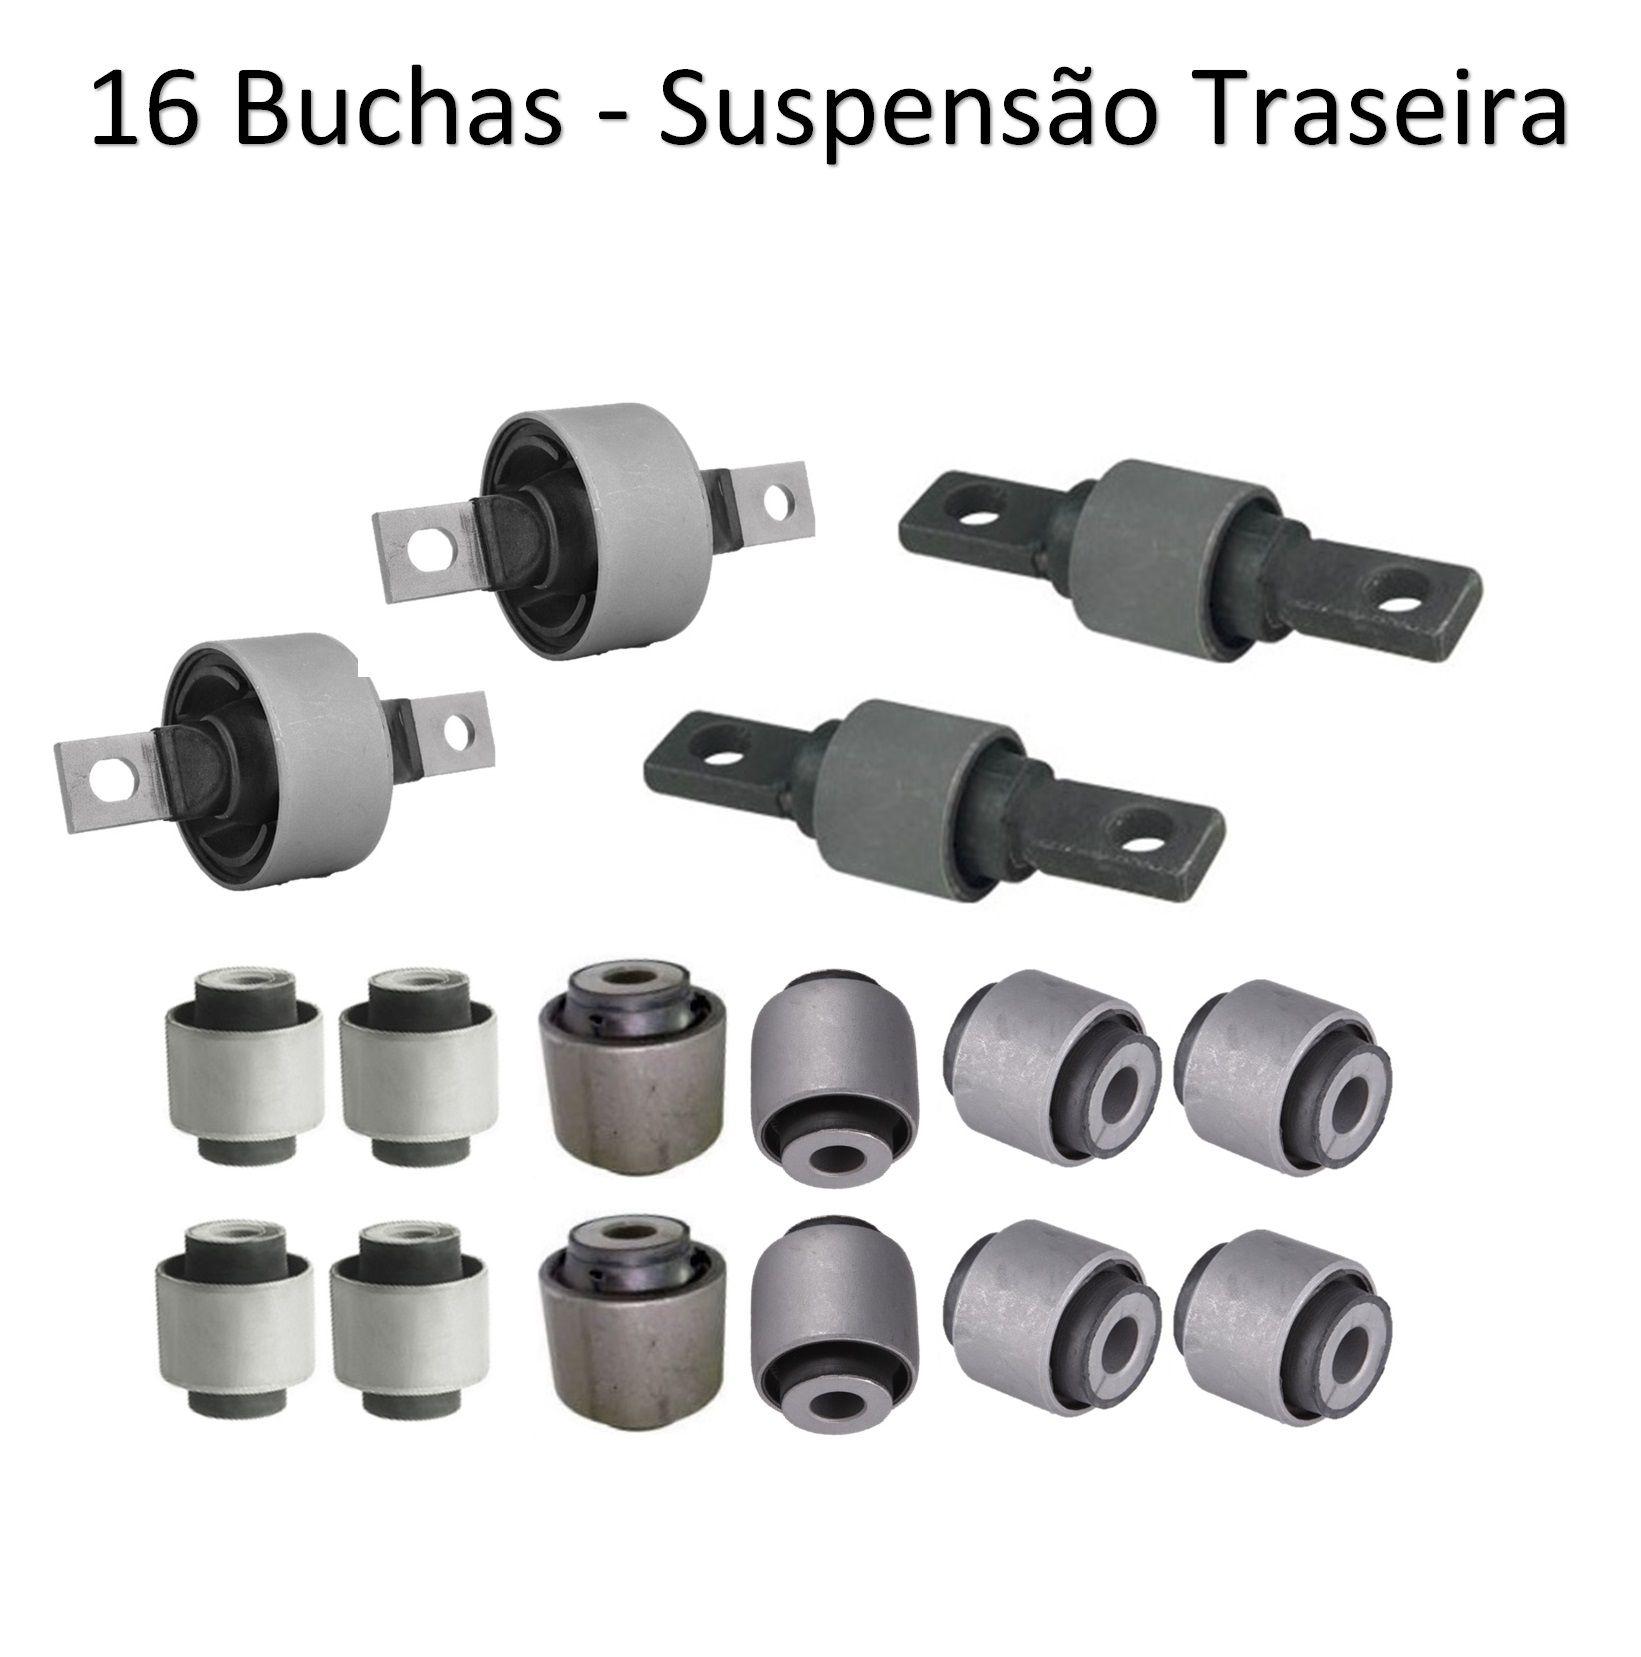 Kit Buchas Suspensão Dianteira Traseira Civic 1996 - 2000